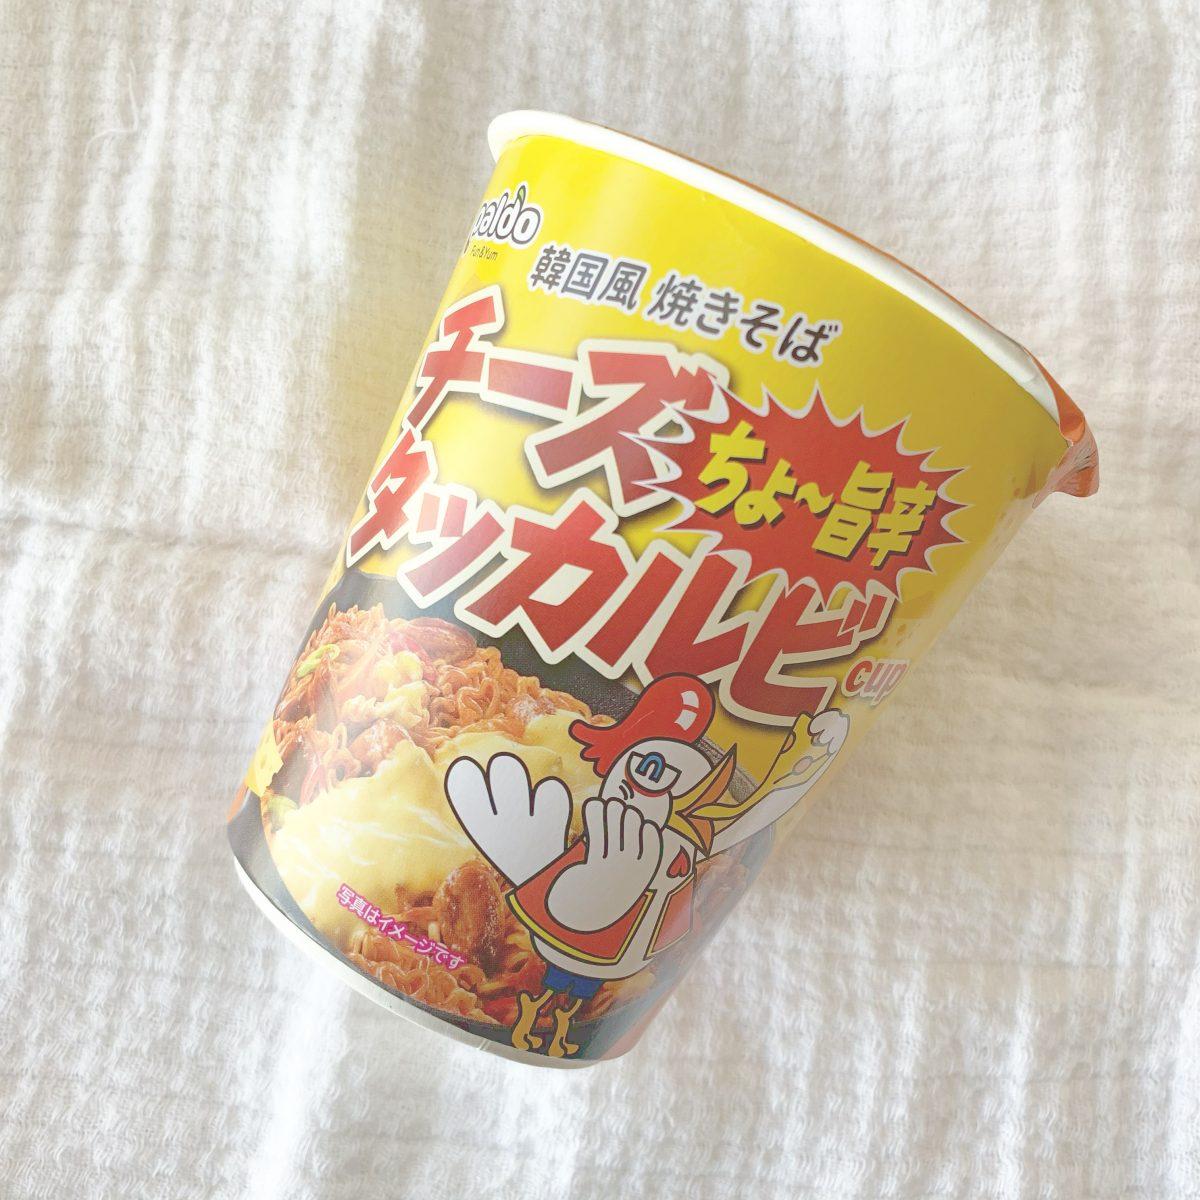 天王寺MIOのMISUGIYAで買った汁なしチーズダッカルビ